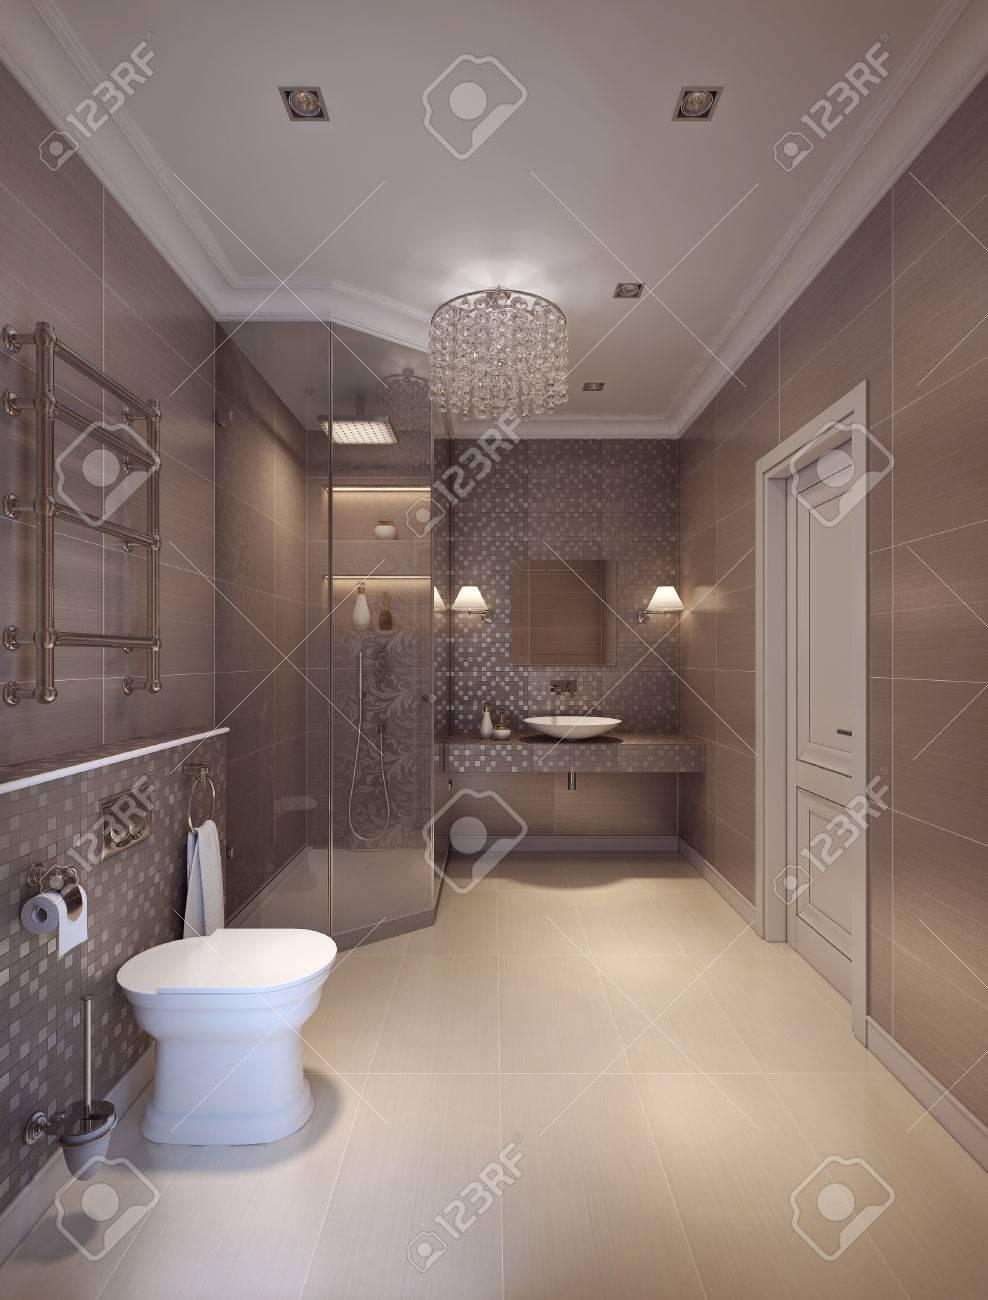 Une salle de bain dans un style moderne. Les murs de la tuile marron et le  motif de mosaïque. Rendu 3D